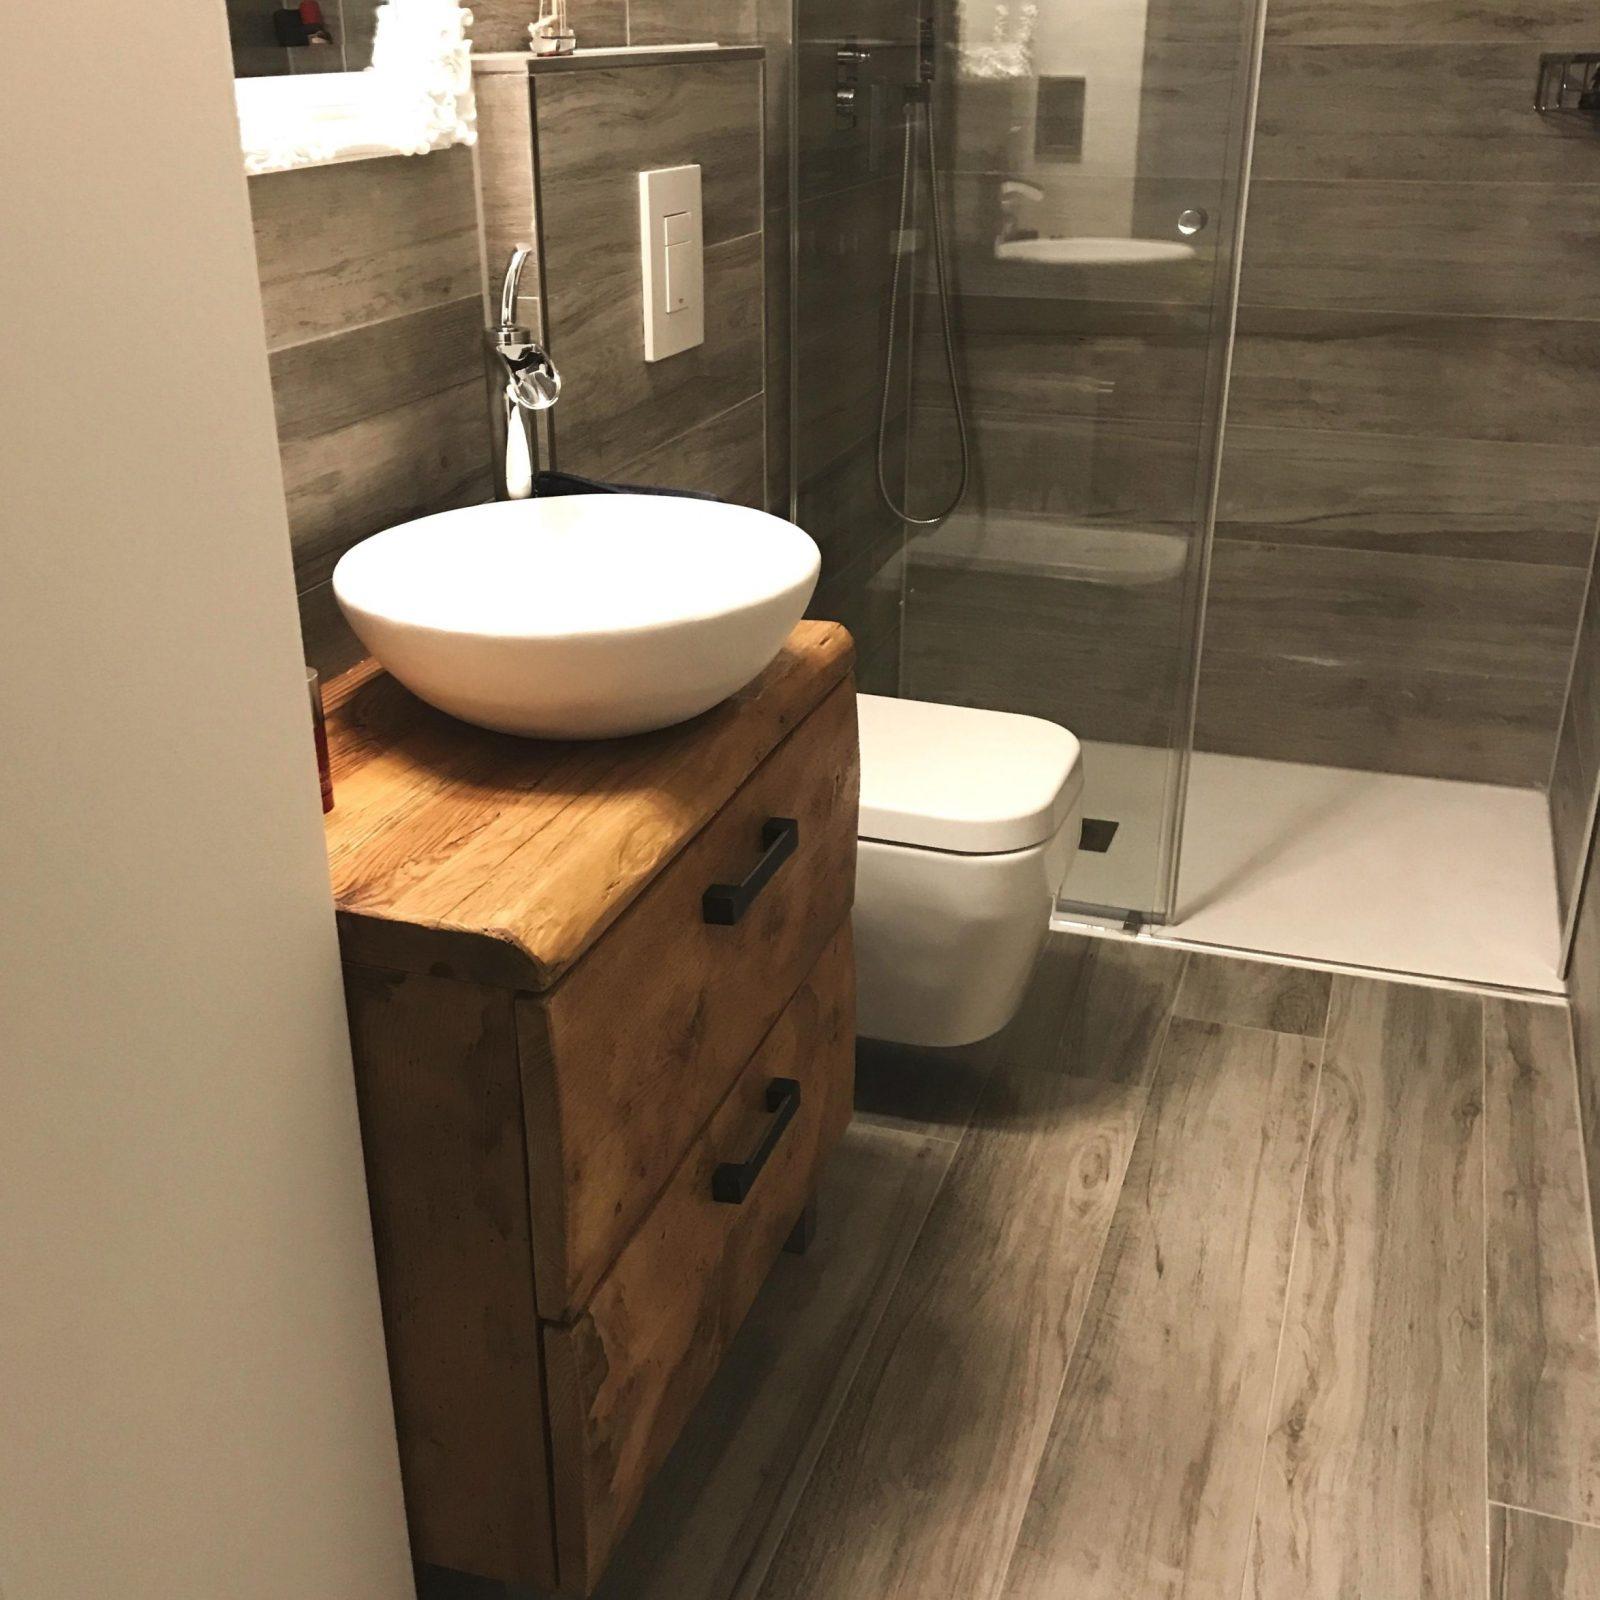 Waschtisch Aus Holz • Bilder  Ideen • Couch von Waschtisch Holz Mit Aufsatzwaschbecken Photo